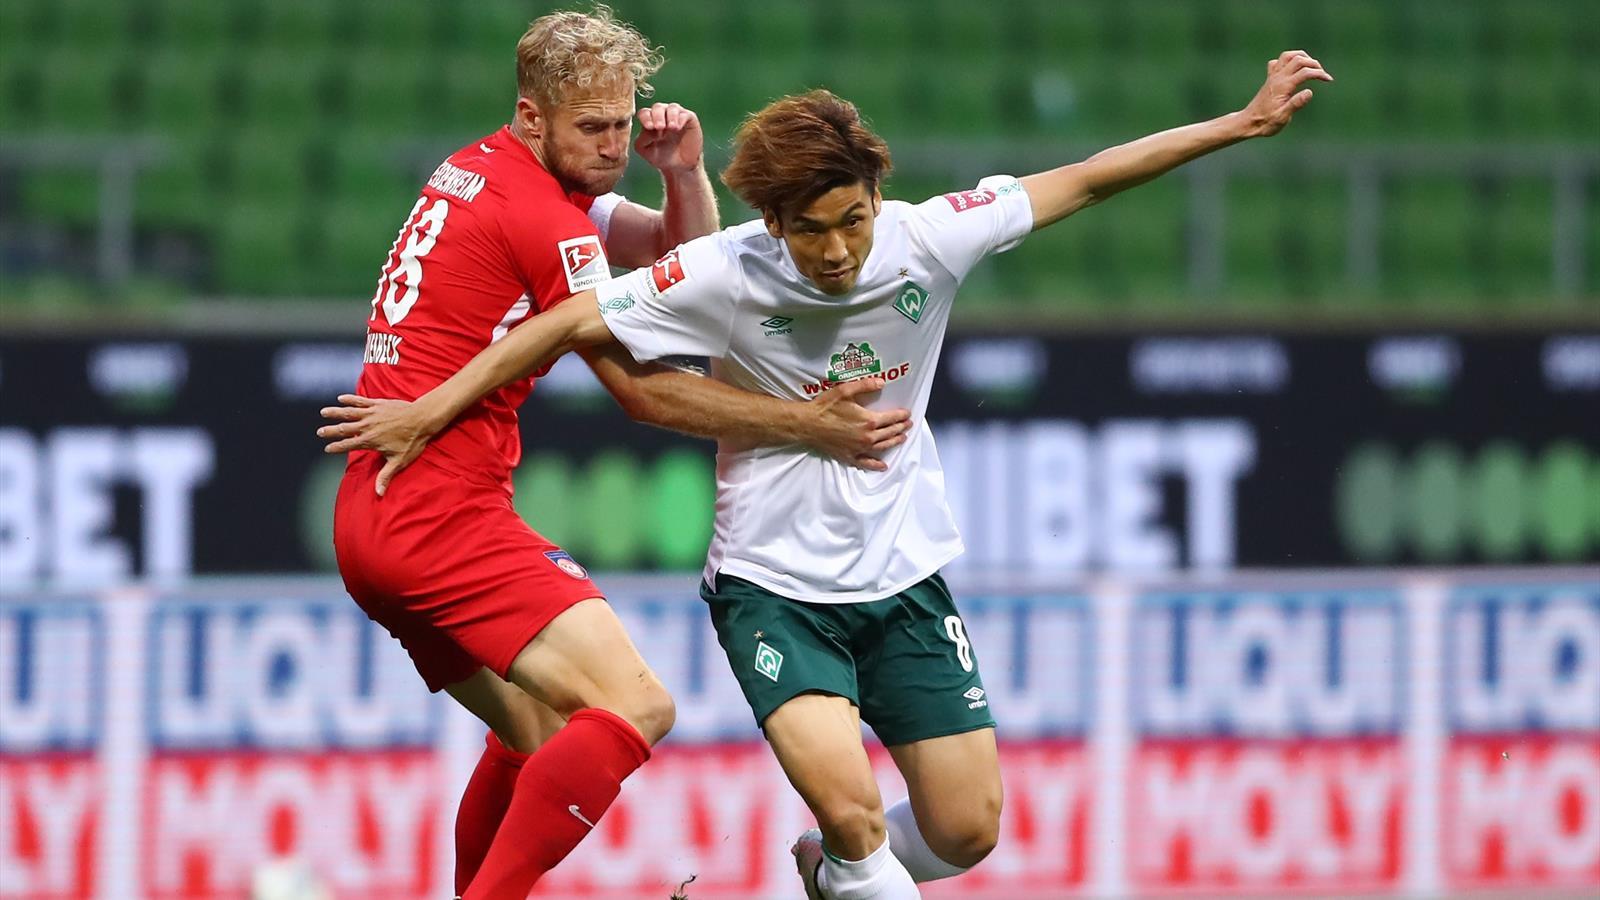 Spiel Heidenheim Bremen